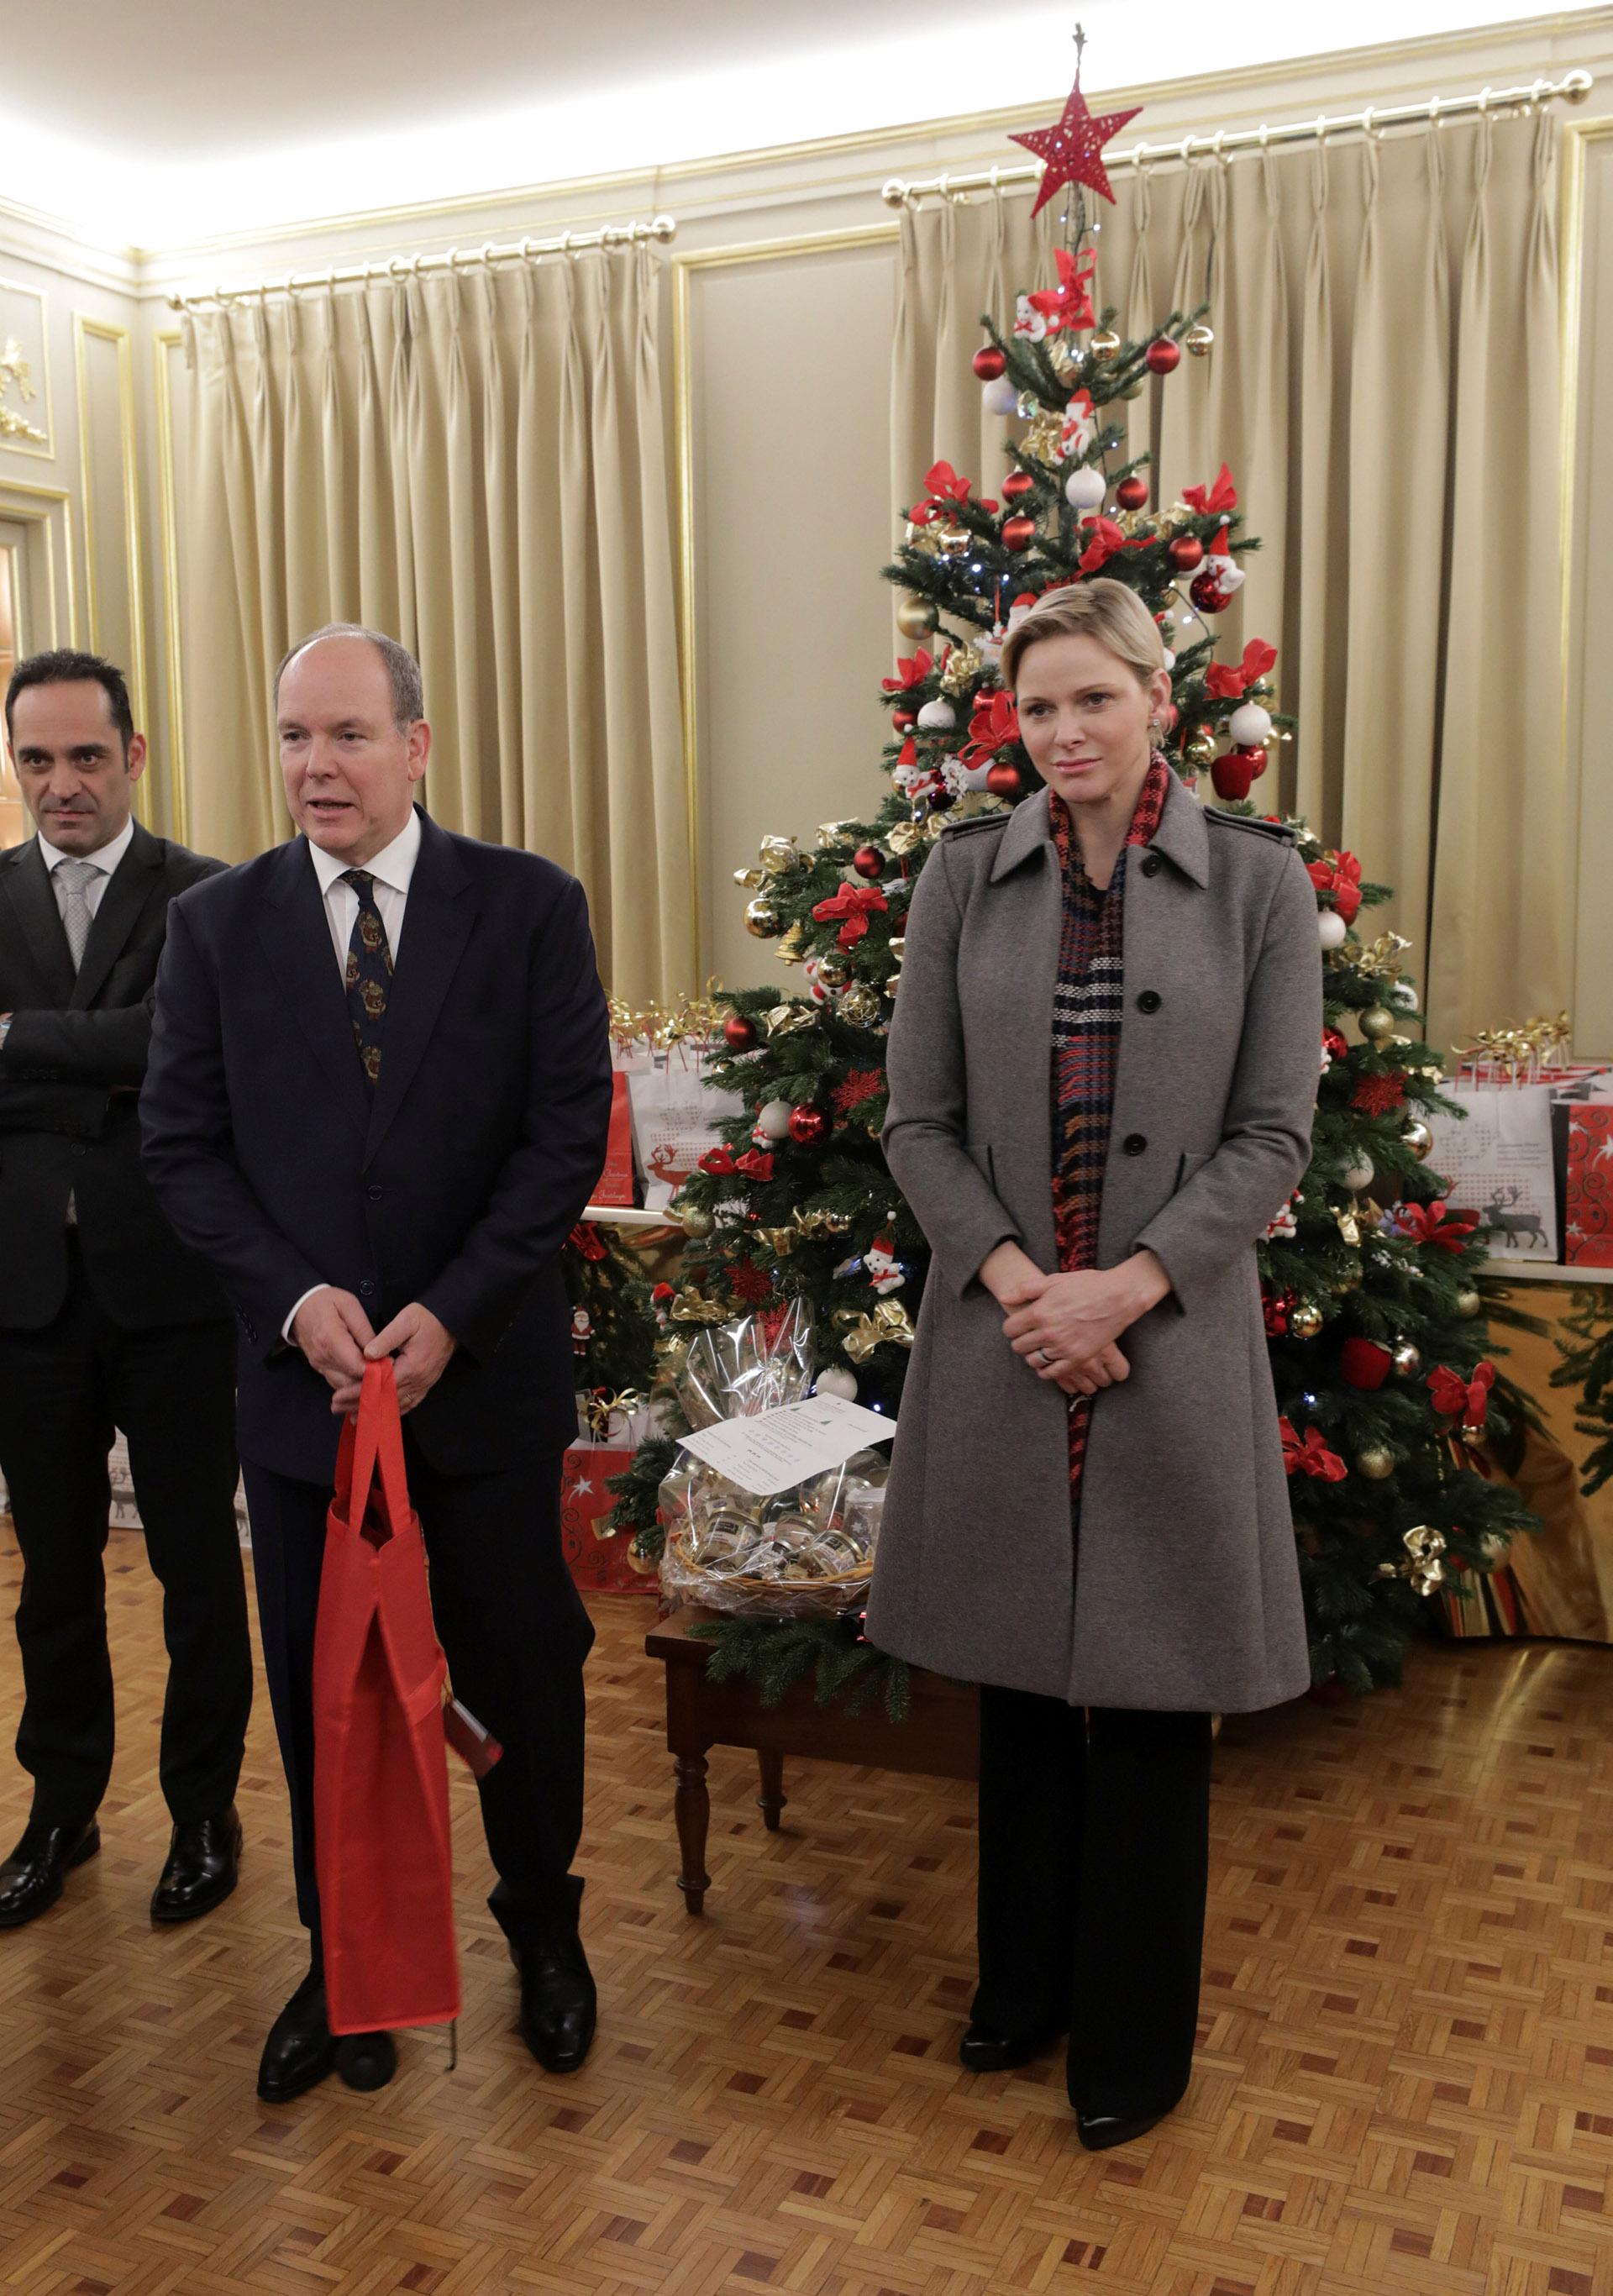 Alberto de Mónaco y su mujer Charlene junto al árbol de Navidad, antes de repartir los regalos